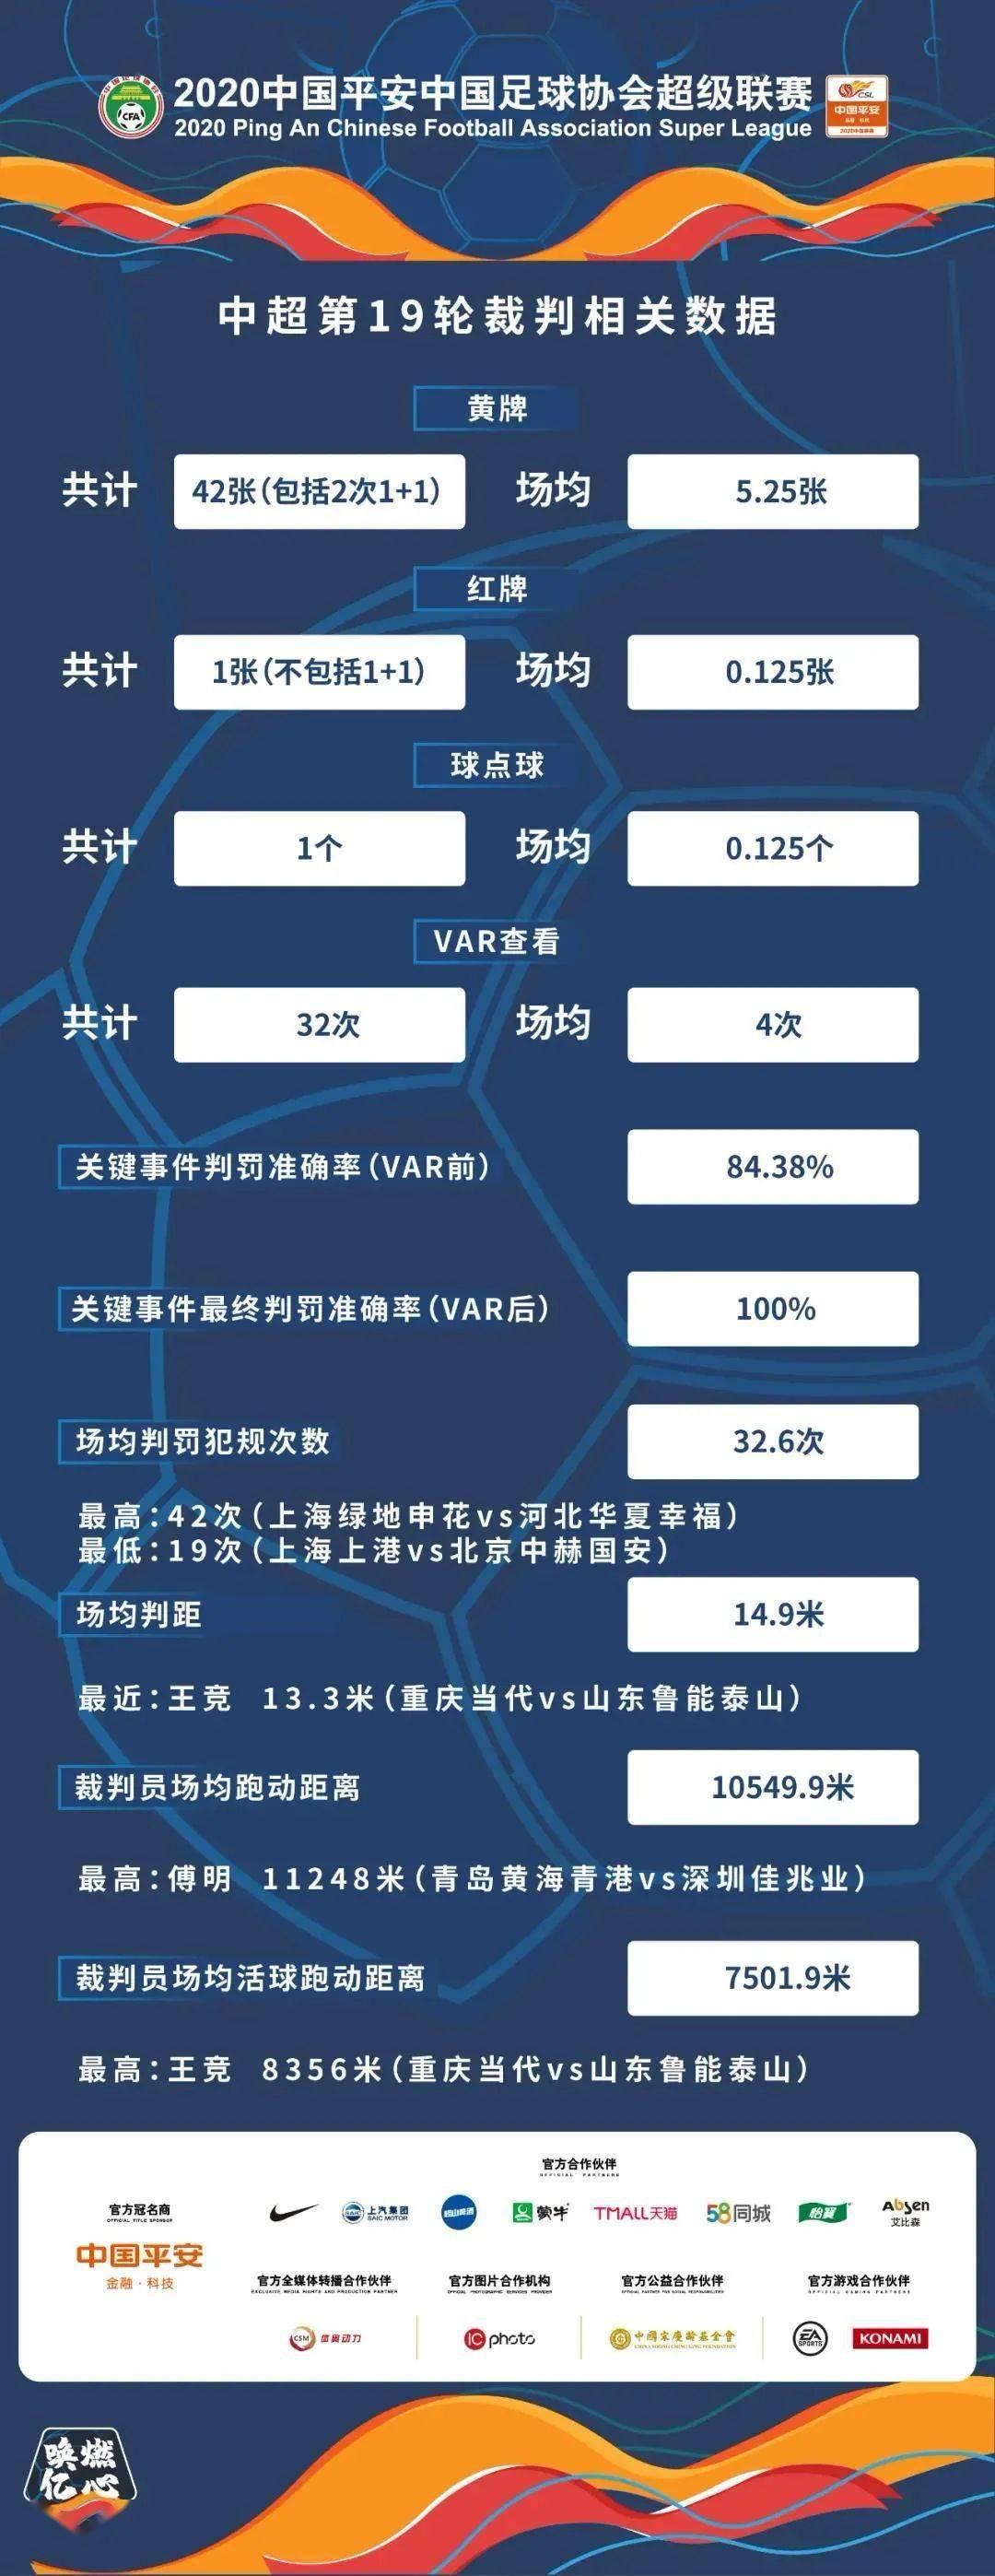 【中超】中超联赛第19轮裁判相关数据公布'爱体育官网'(图1)